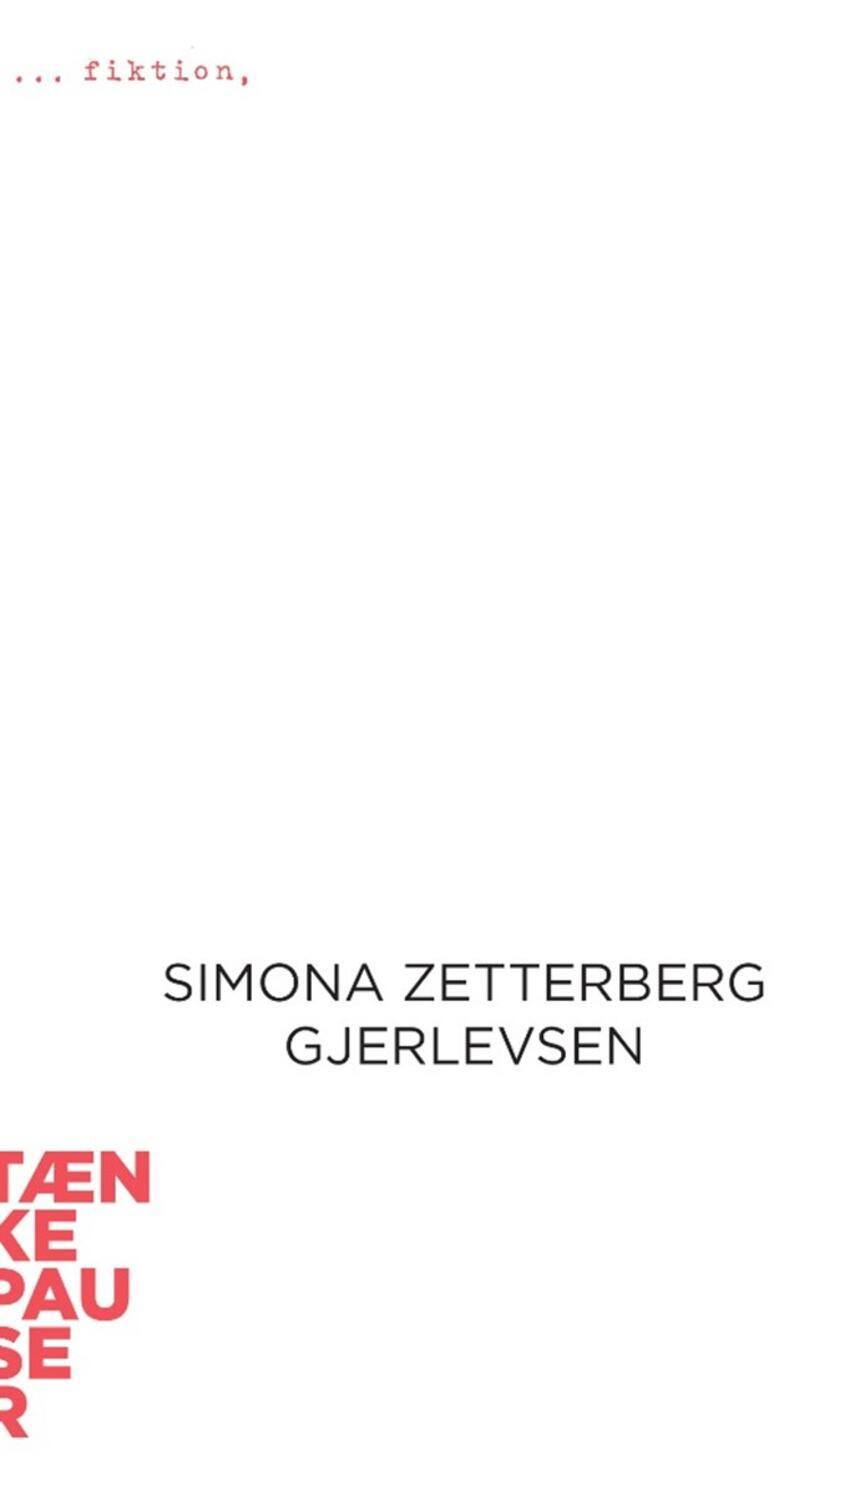 Simona Zetterberg Gjerlevsen: Fiktion